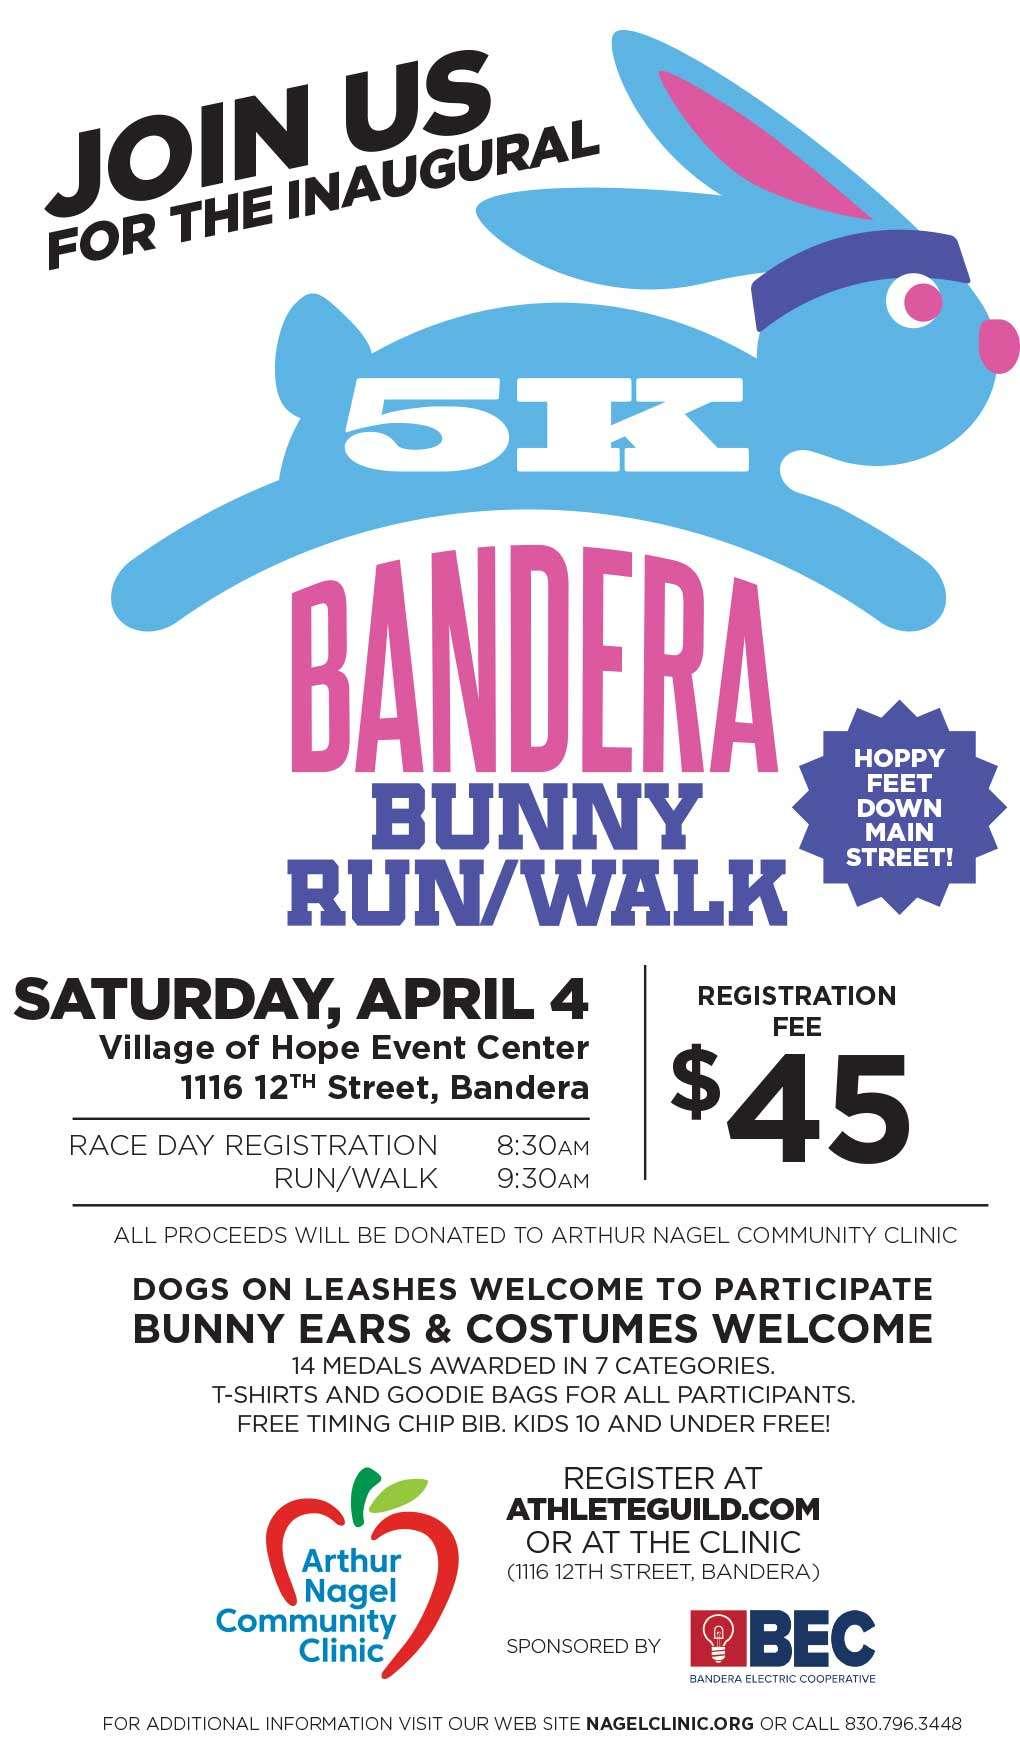 Join Us for the Inaugural 5k Bandera Bunny Run / Walk Saturday, April 4